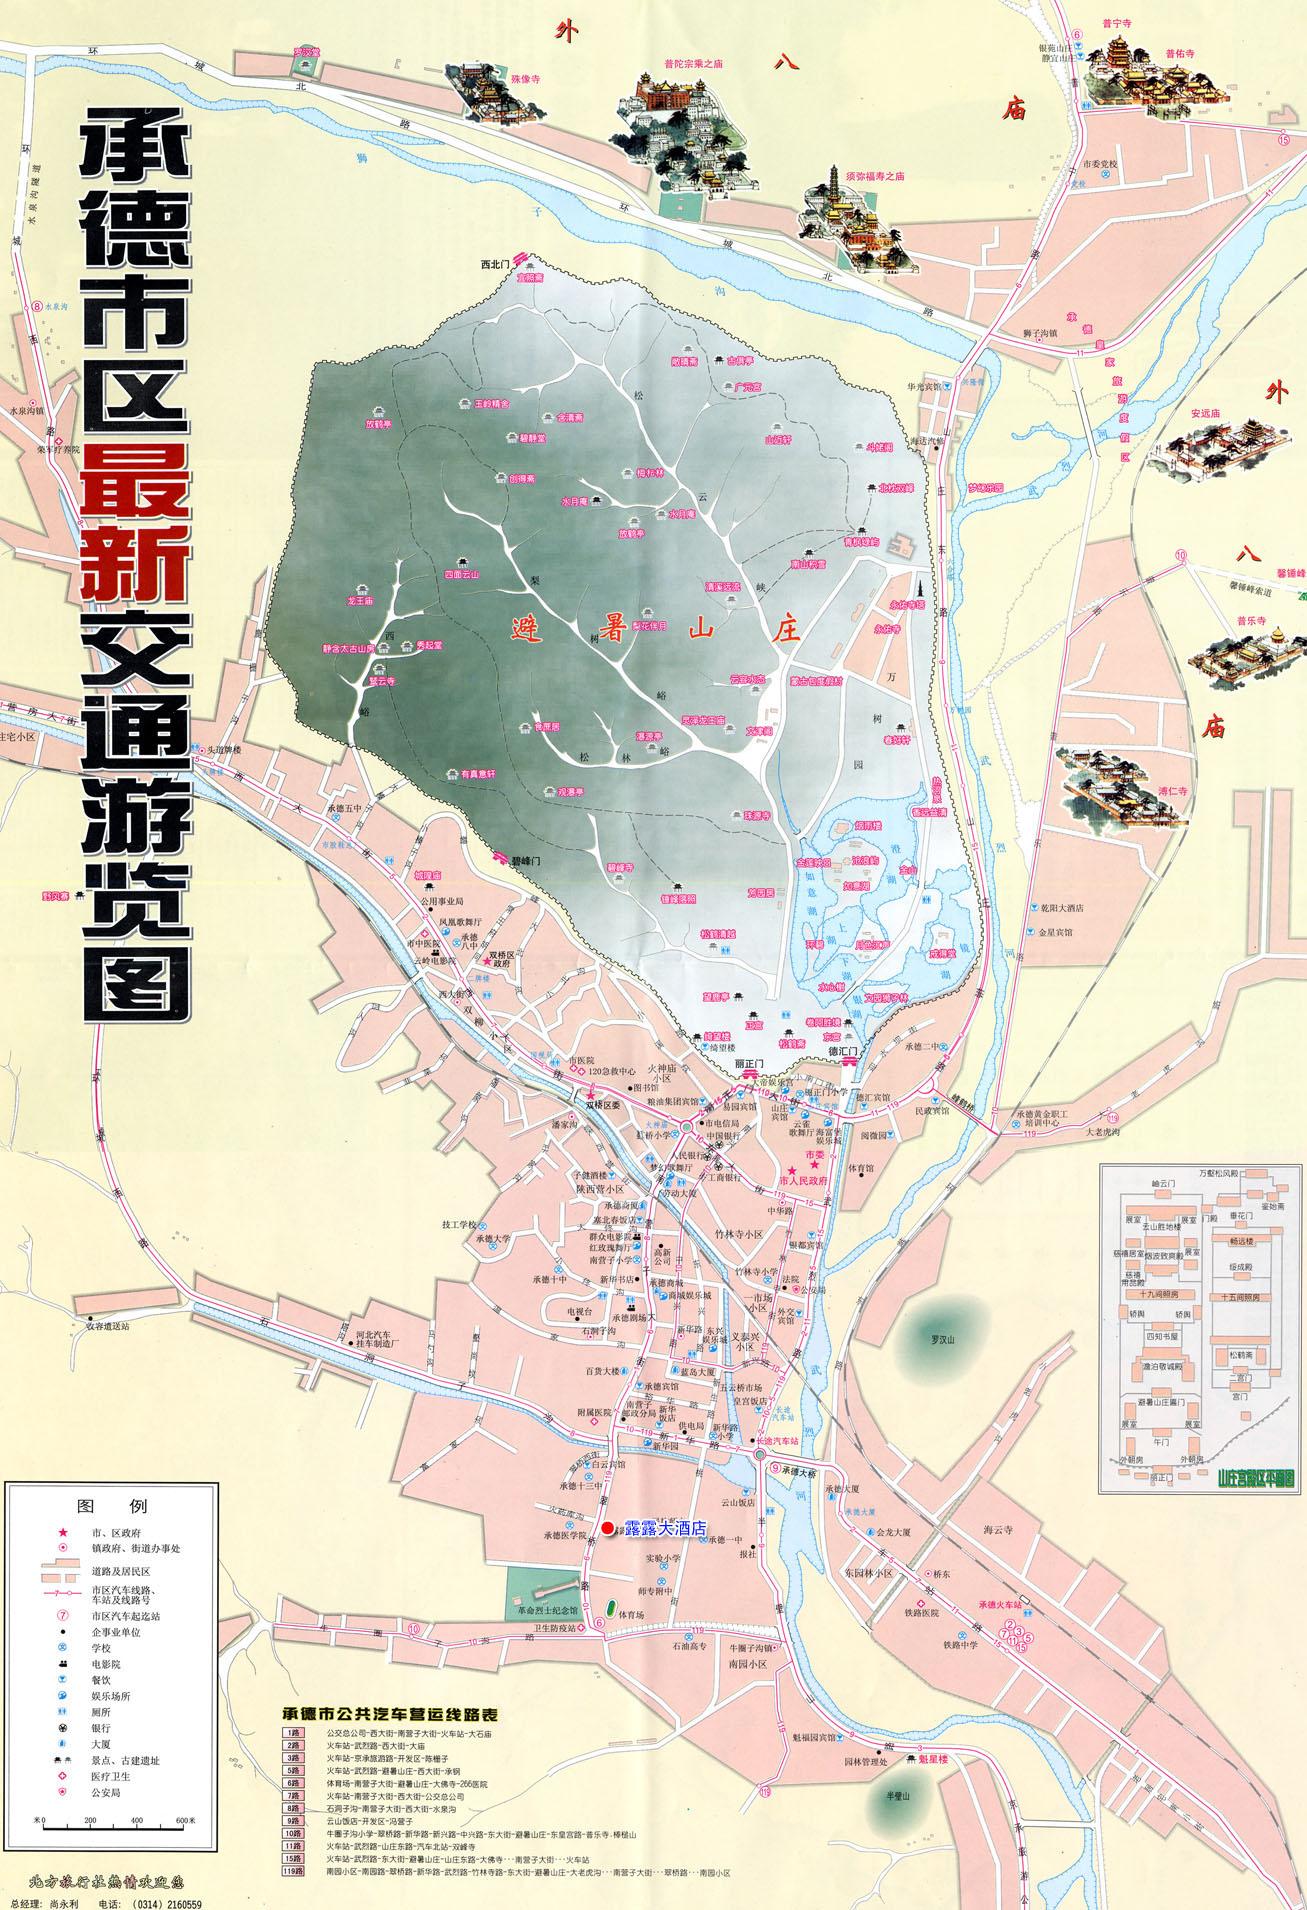 Chengde Map Chengde China Mappery - Chengde map